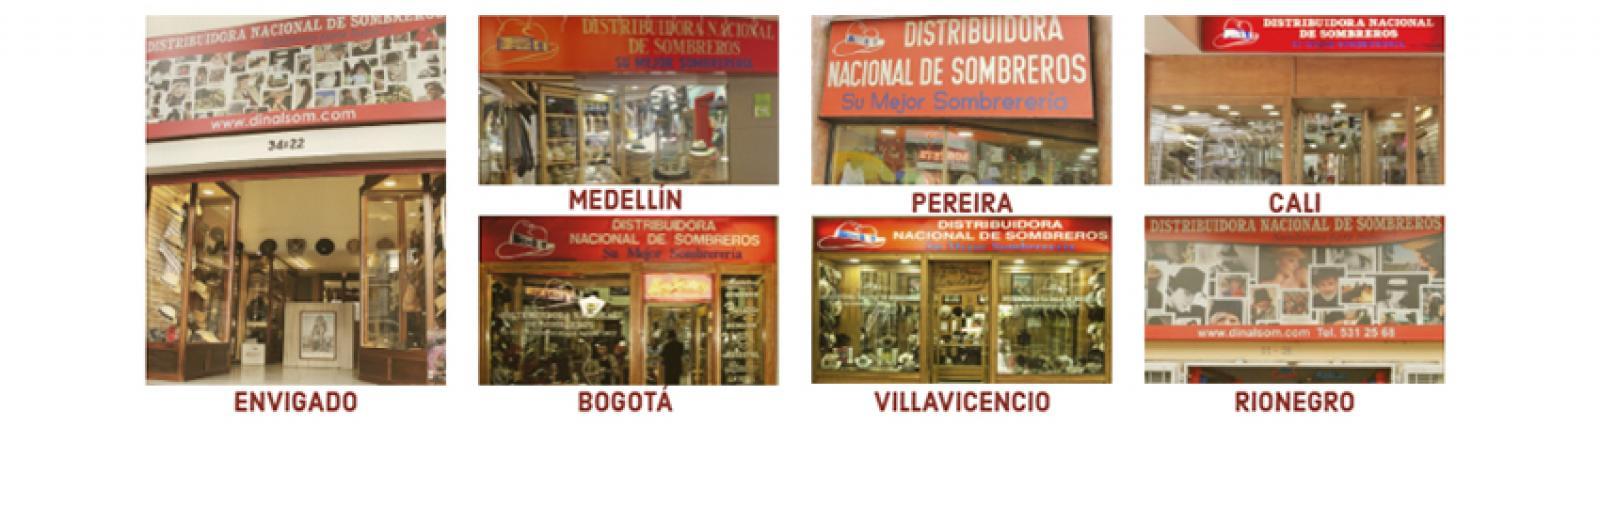 dffd34cf15 Distribuidora Nacional de Sombreros - Dinalsom